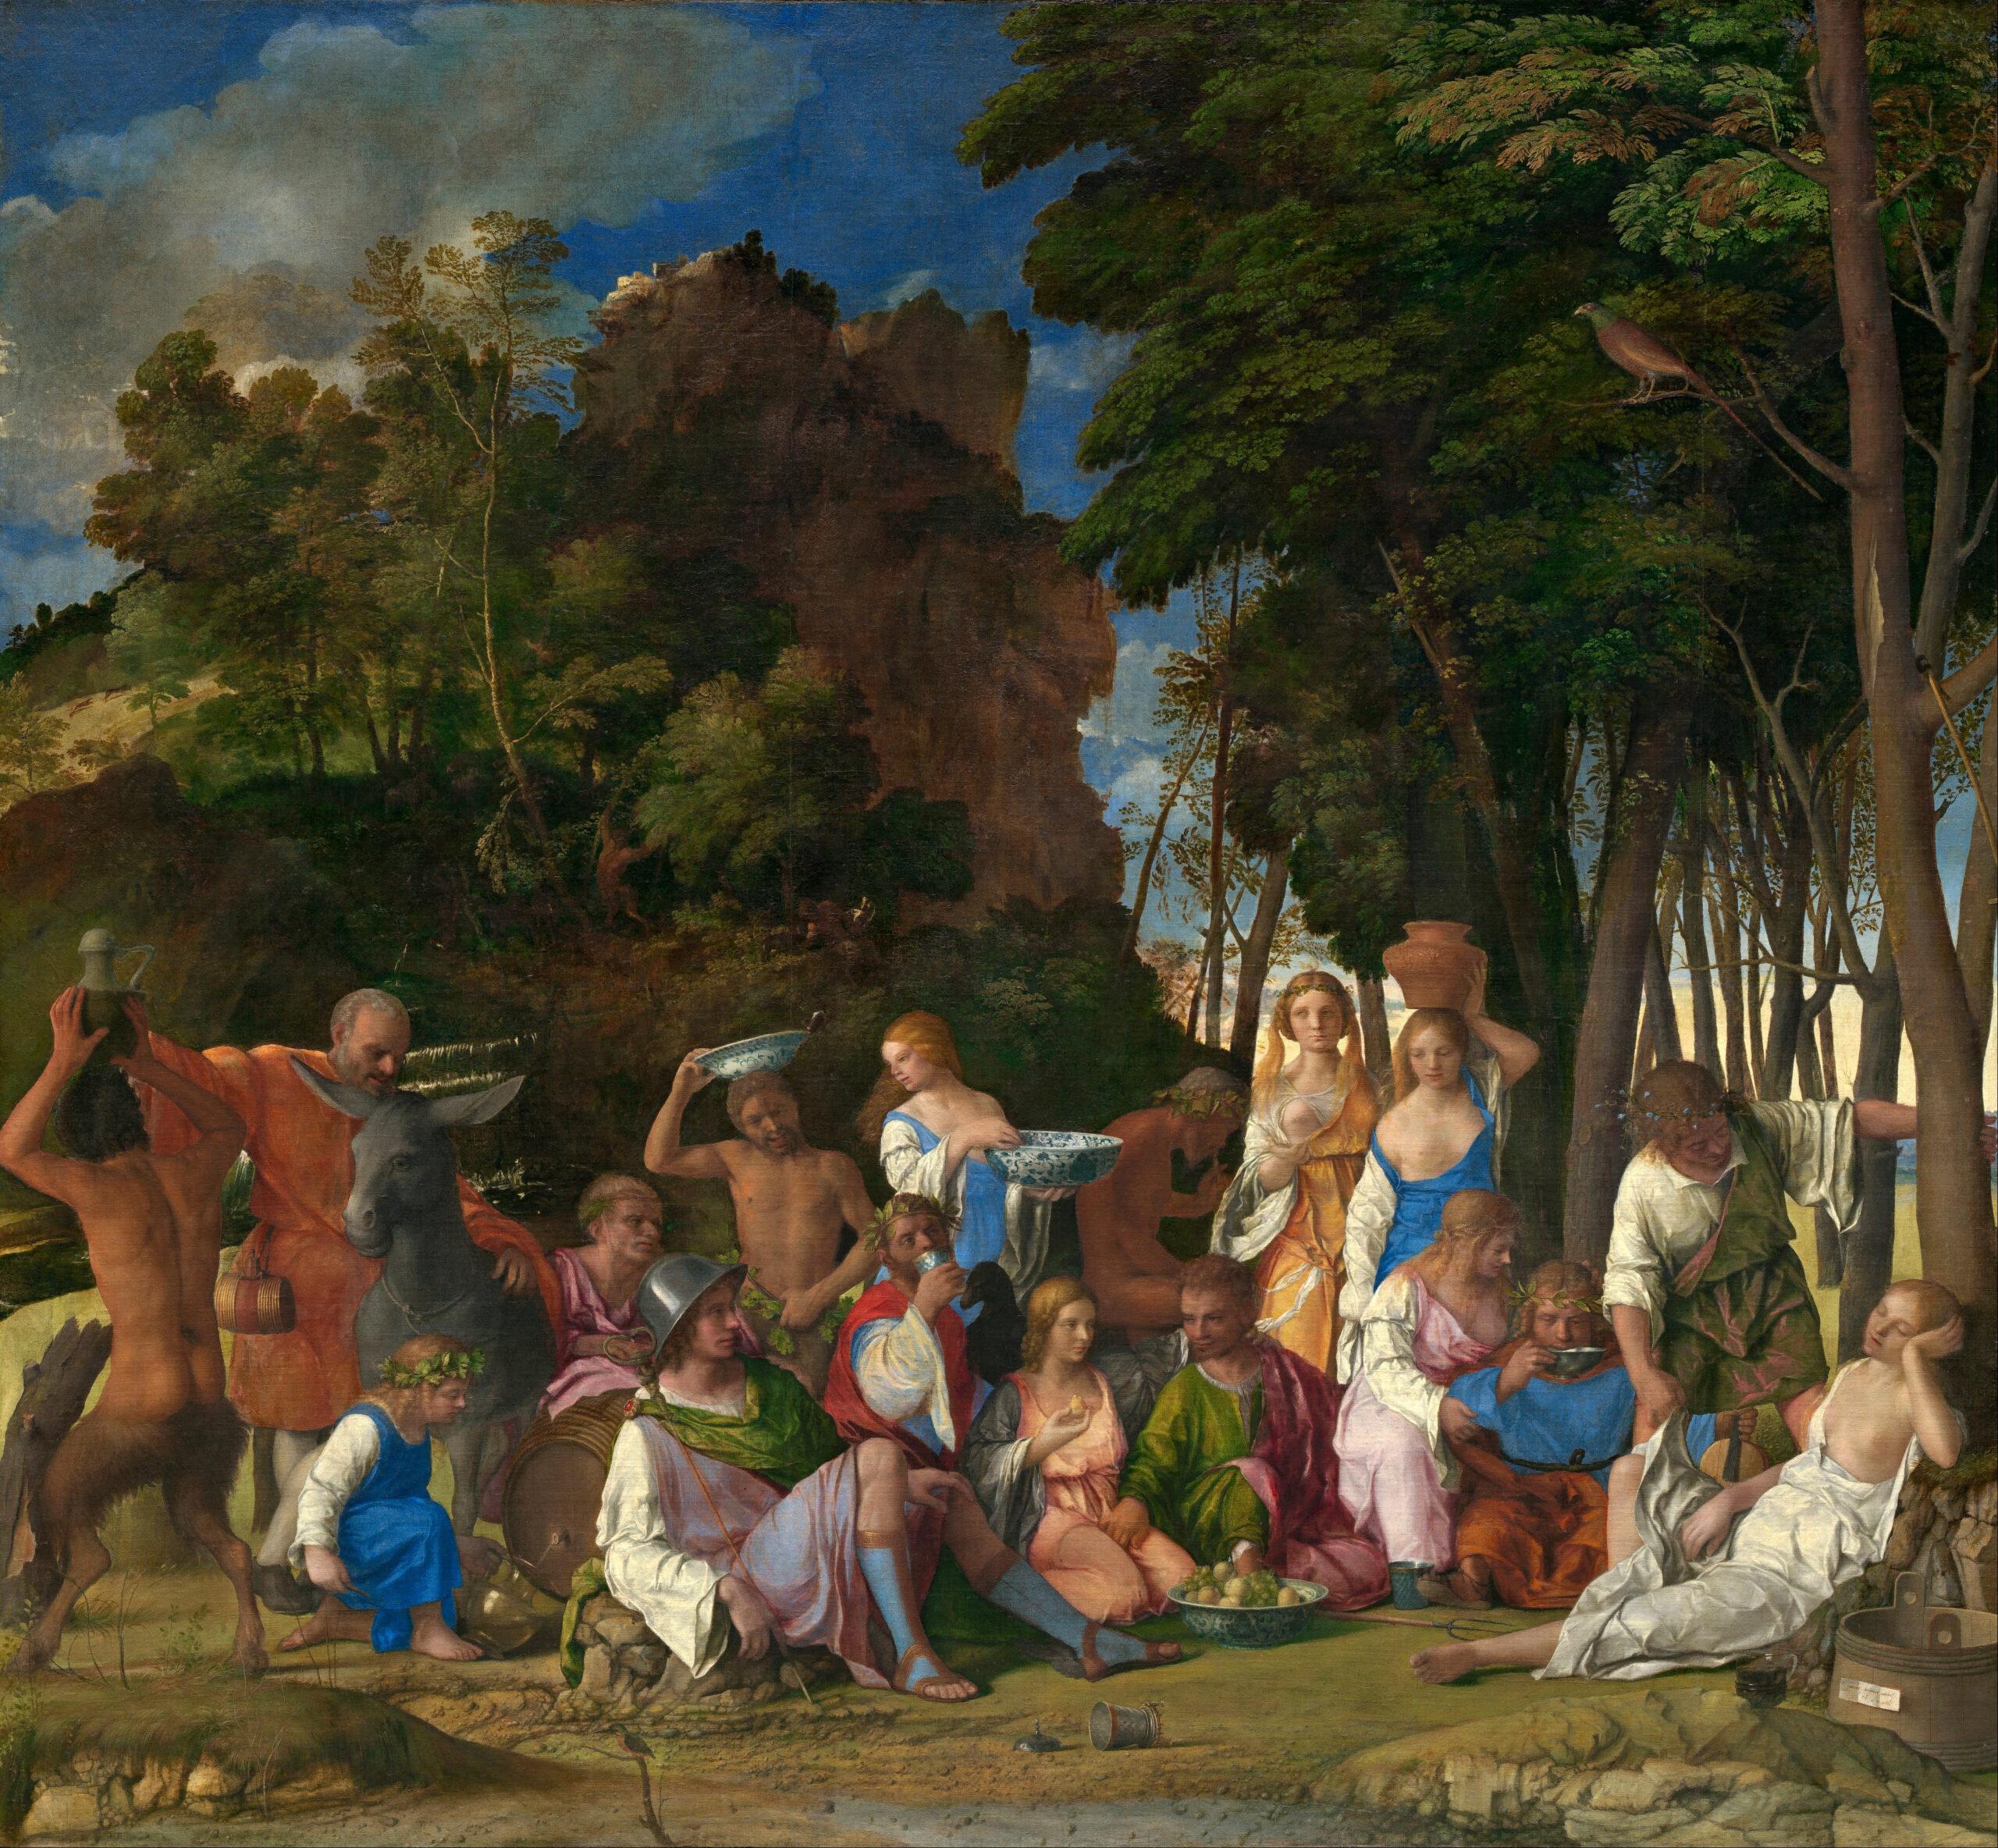 """Vittore Carpaccio, """"Polowanie na Lagunie"""", około 1490-95 roku, Muzeum J. Paula Getty'ego, Los Angeles, źródło: Wikipedia"""